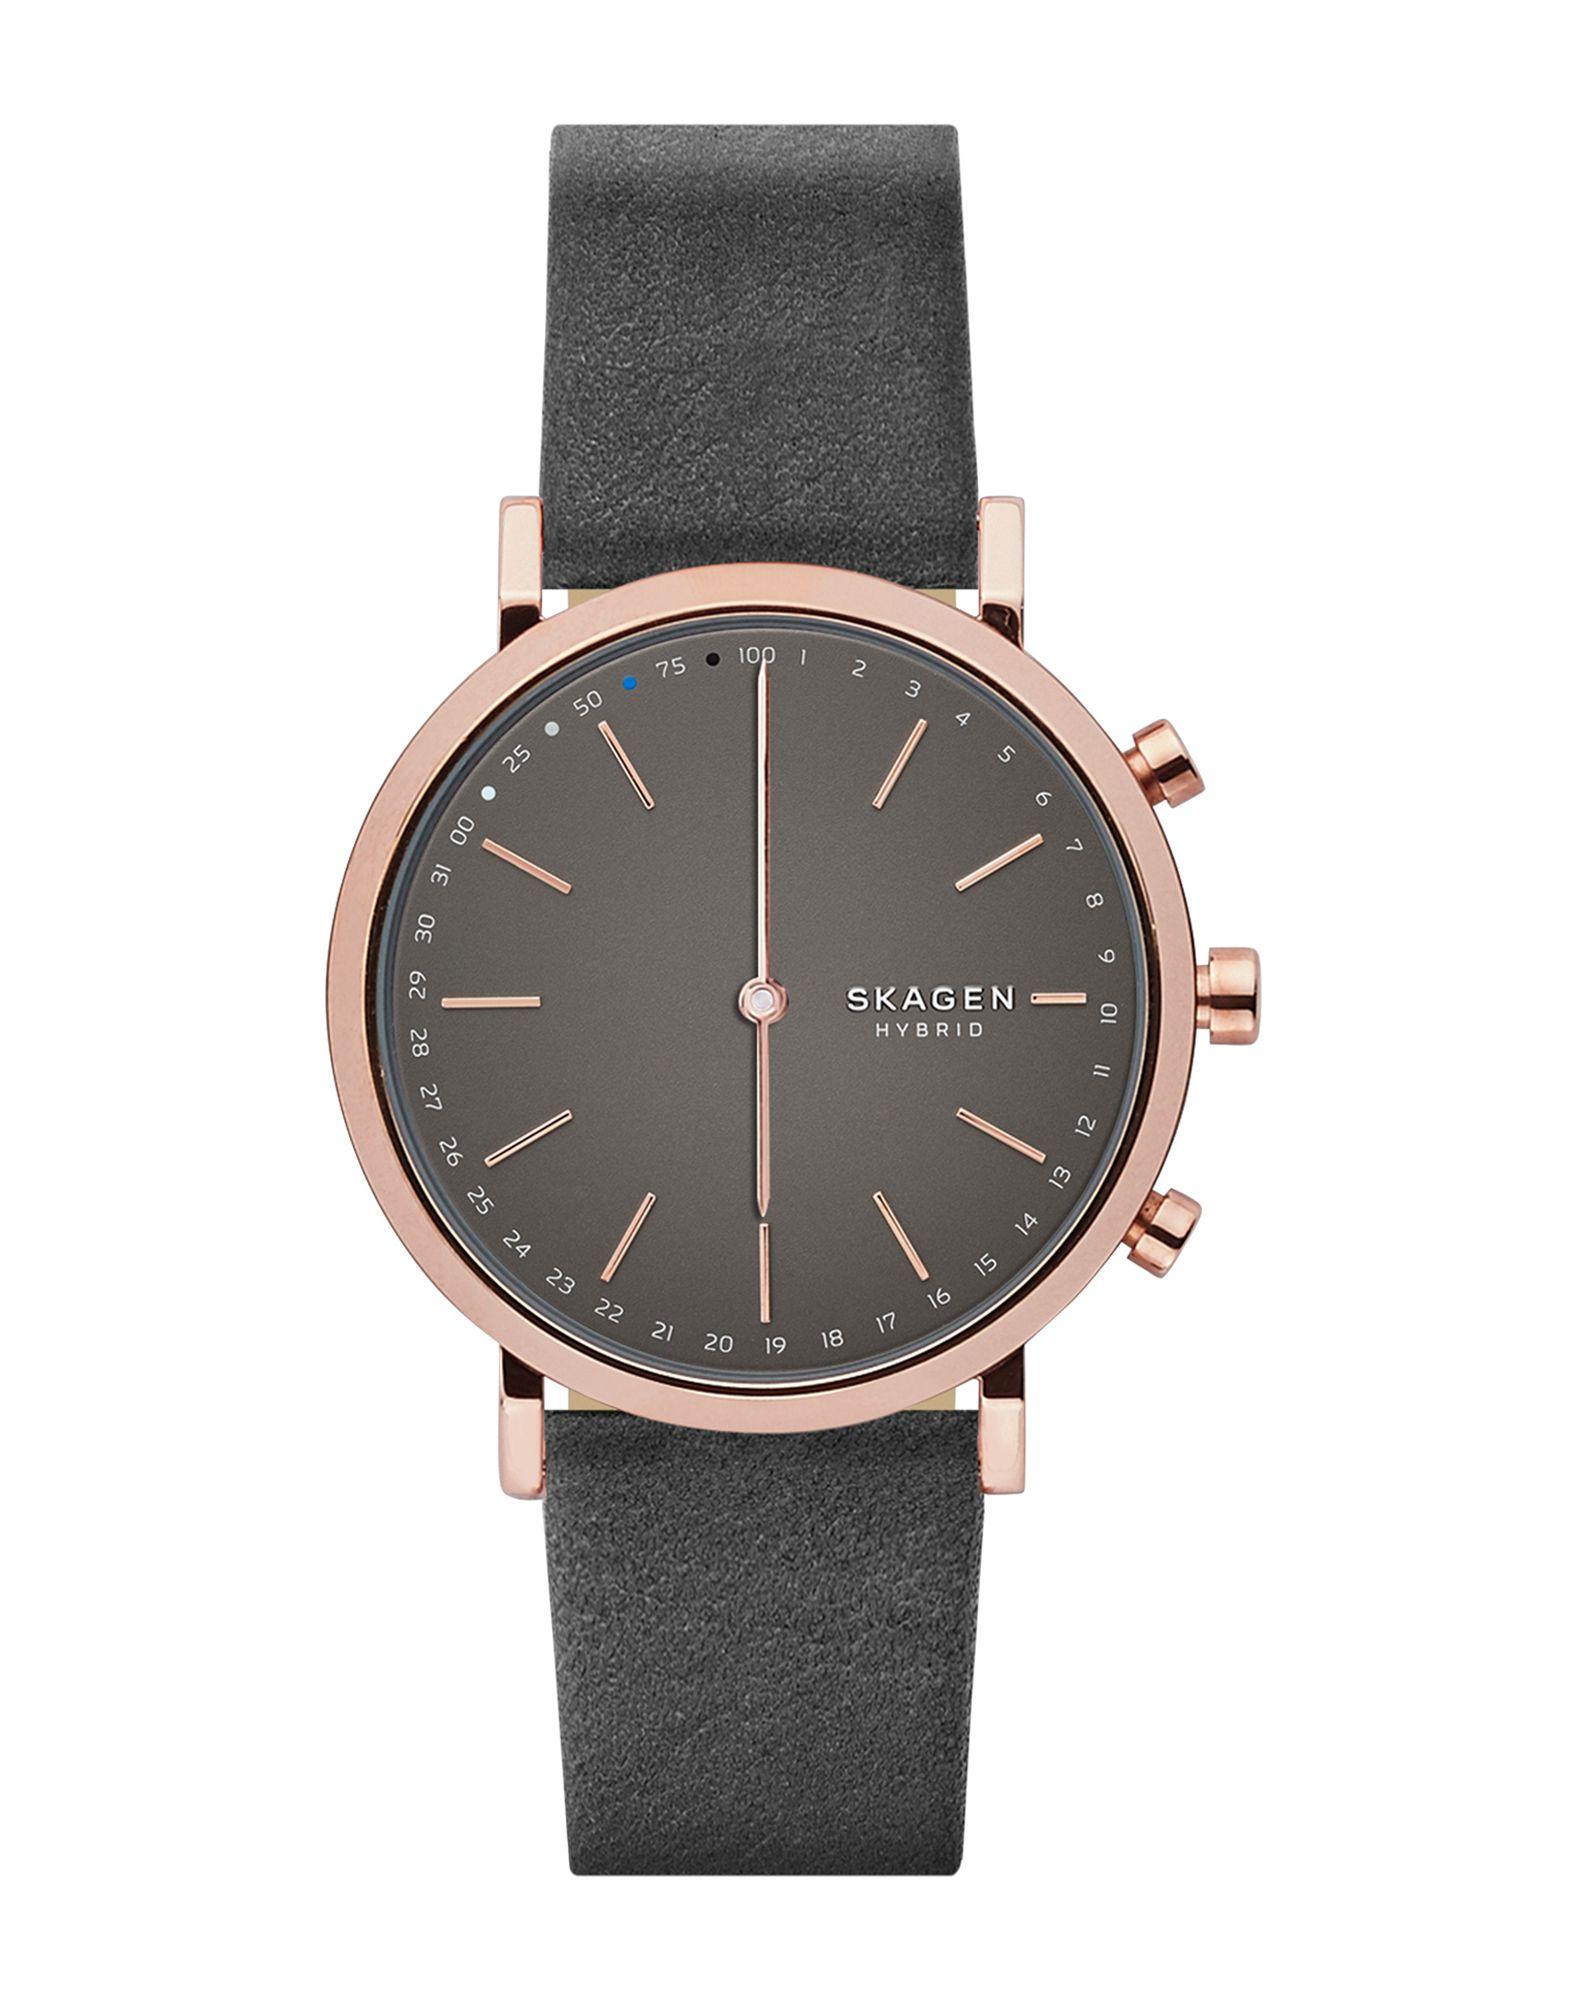 SKAGEN CONNECTED Damen Smartwatch Farbe Granitgrau Größe 1